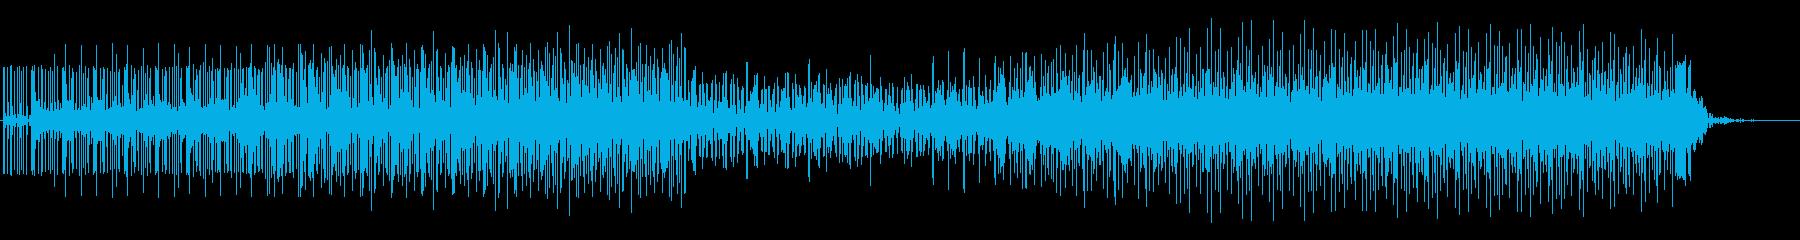 ドライブ感のあるフュージョン風ロックの再生済みの波形